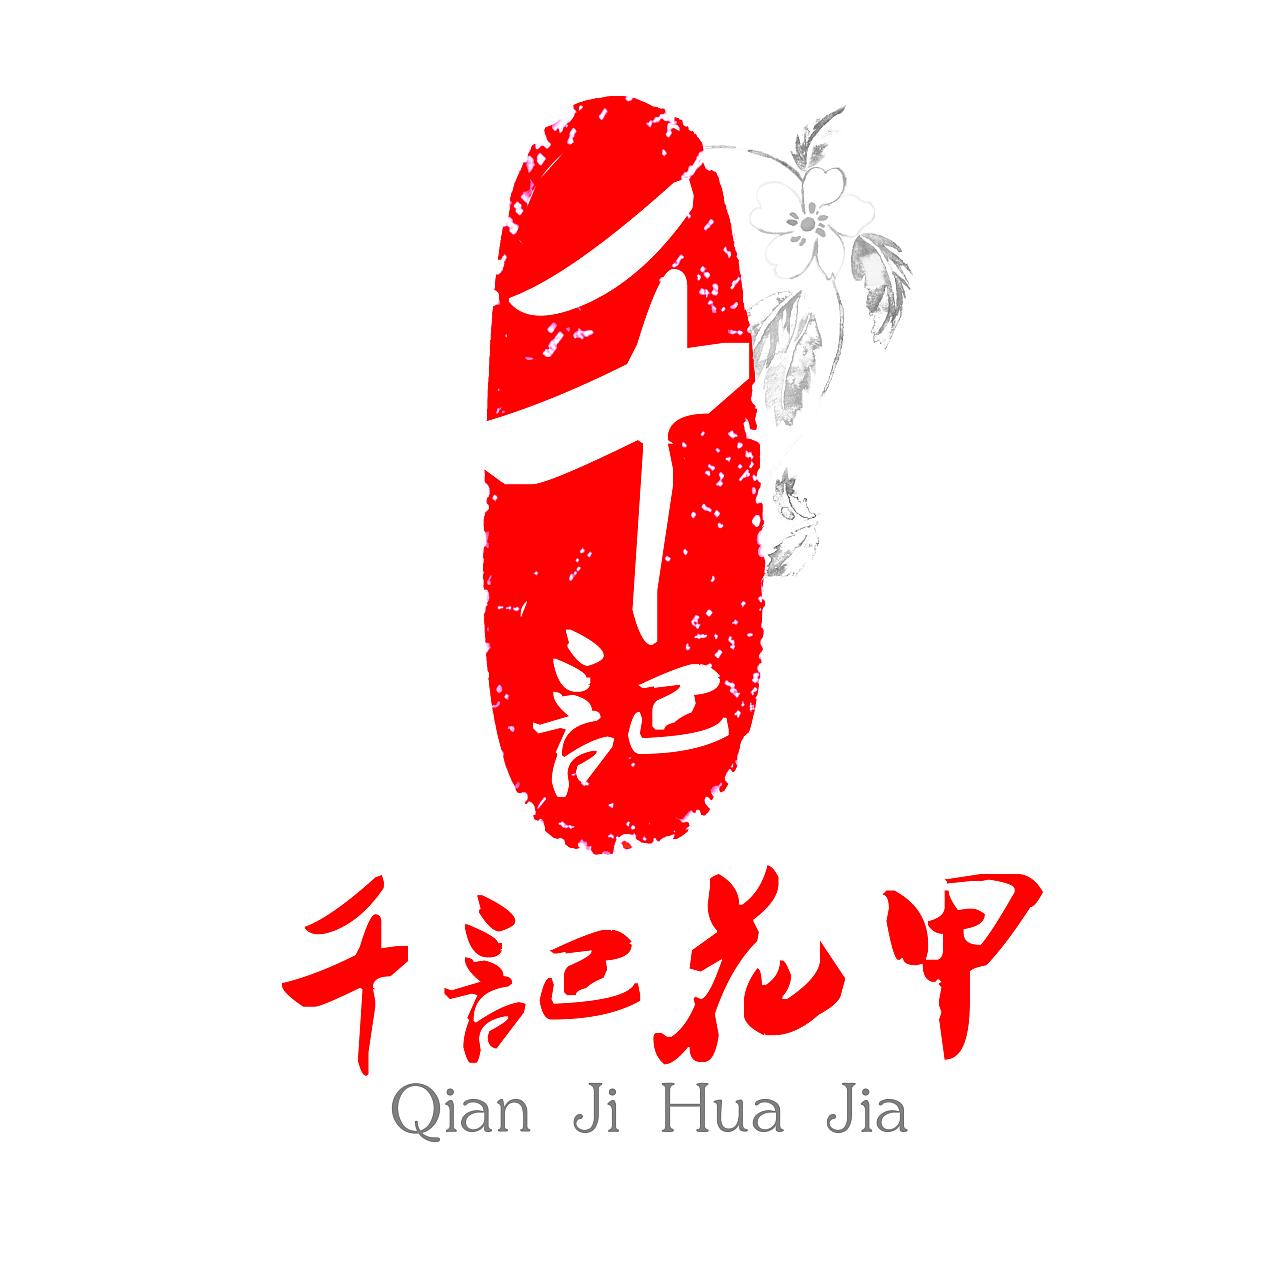 印章logo图片